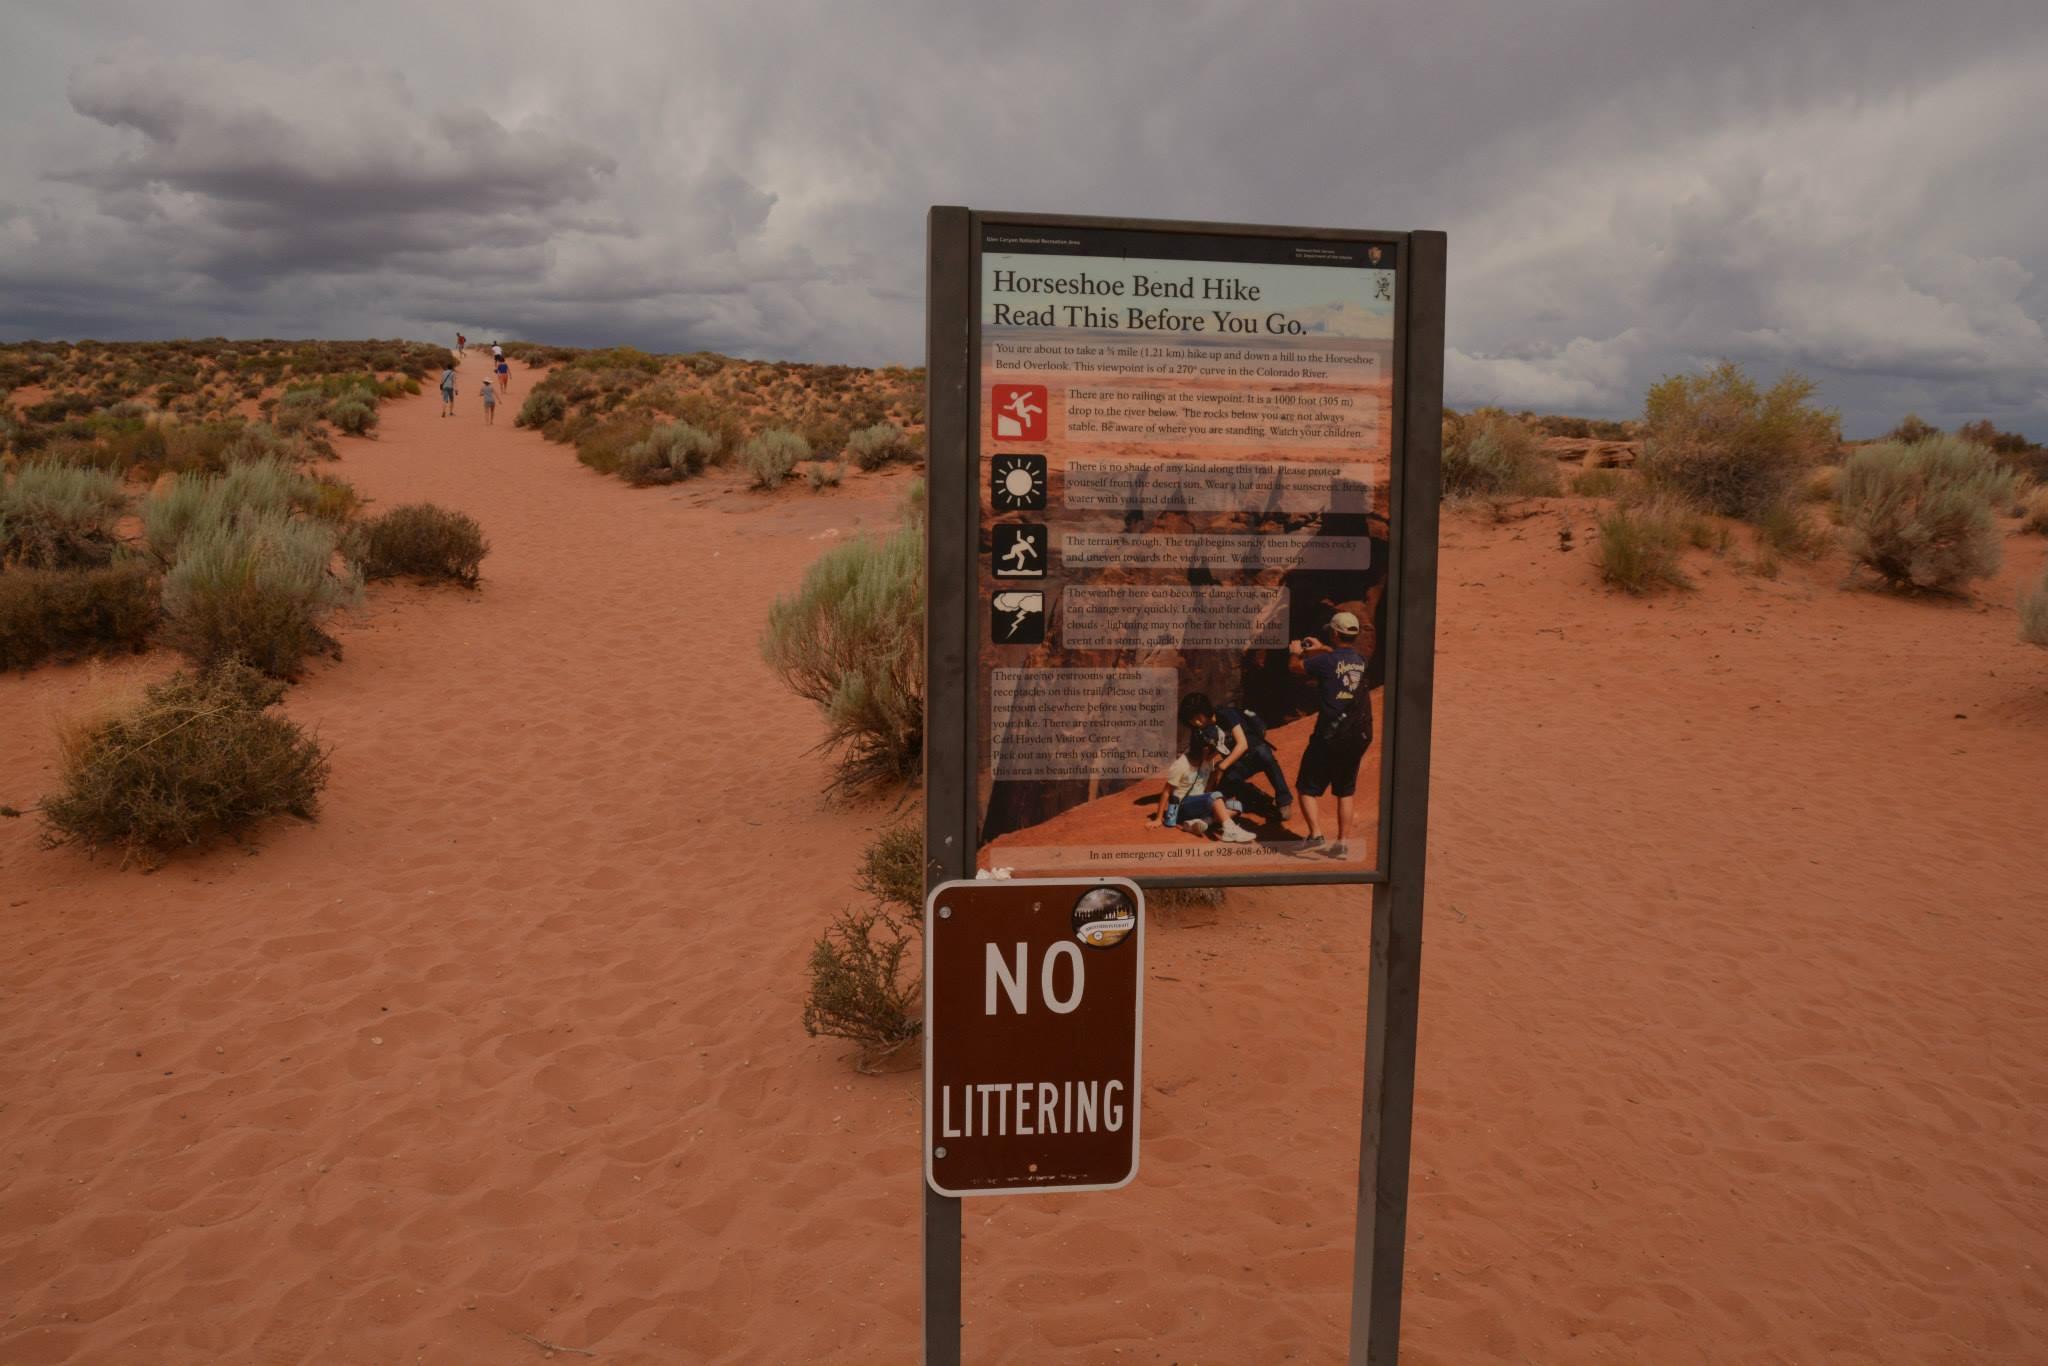 שלט אזהרה בתחילת המסלול לפרסת הסוס